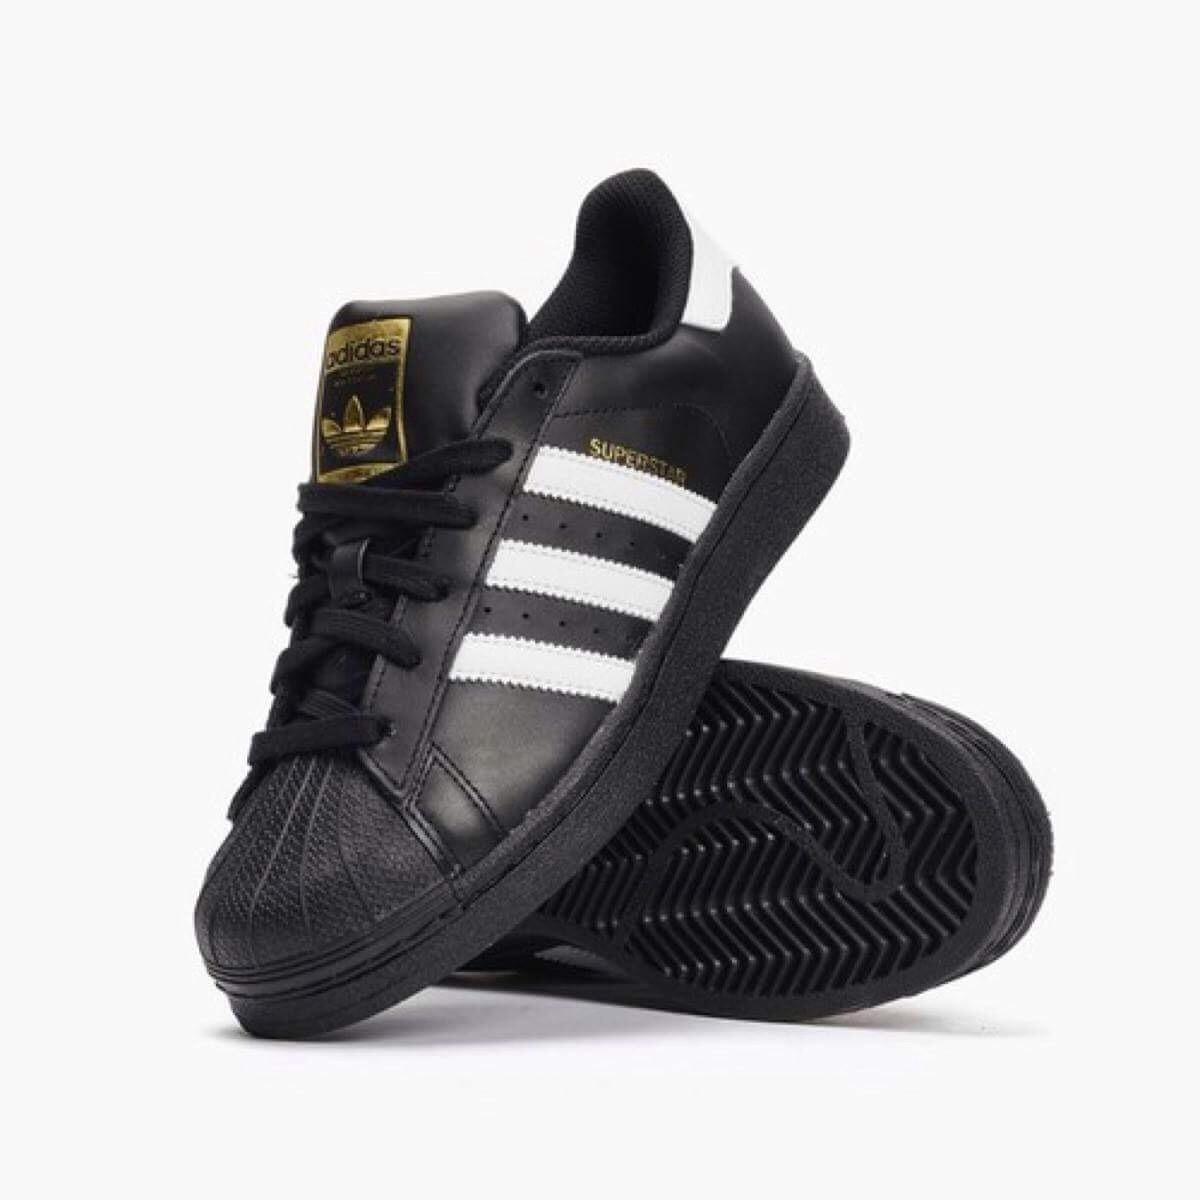 zapatos adidas superstar en negro